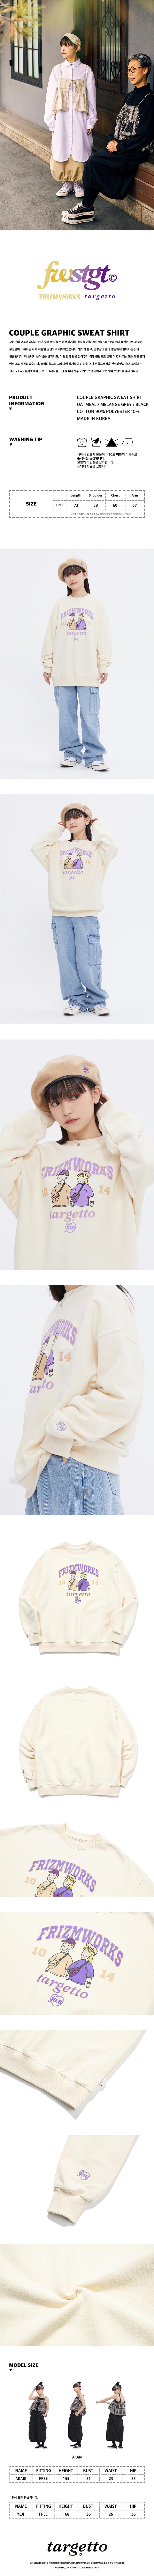 타게토(TARGETTO) [프리즘웍스X타게토]커플 그래픽 스웨트 셔츠_오트밀